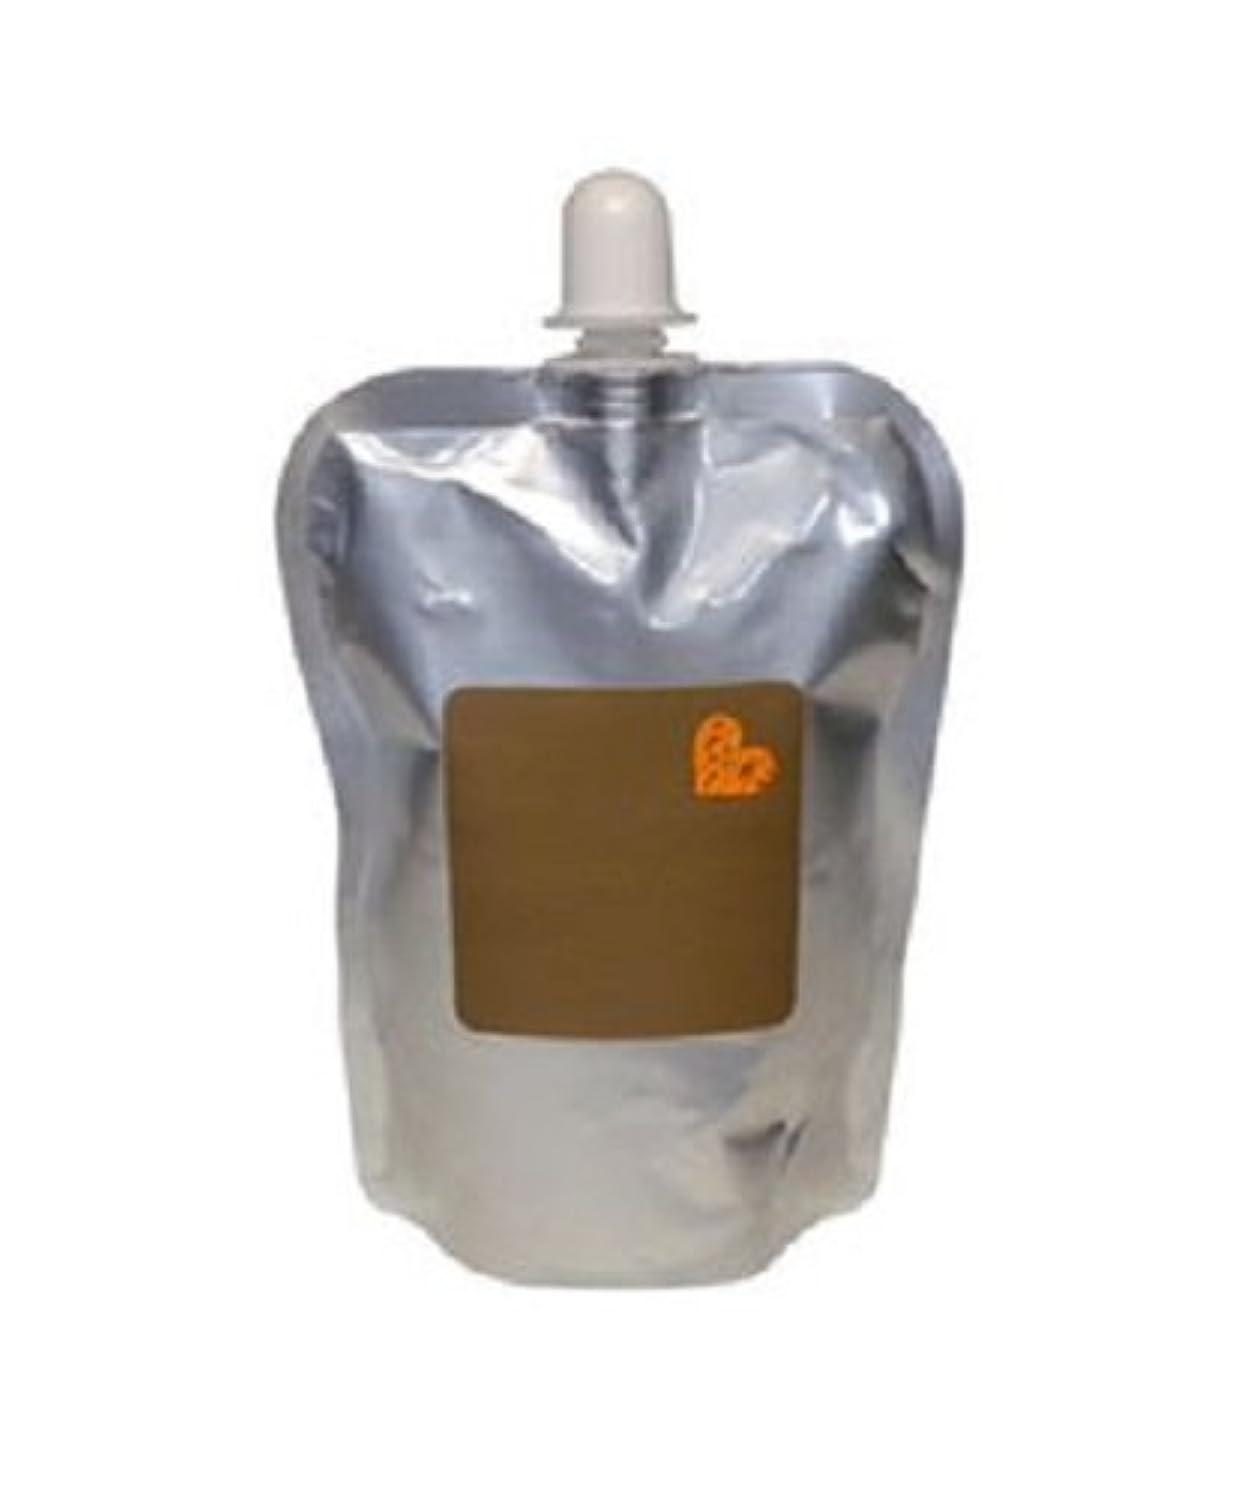 悪化させる請求書ホイッスルアリミノ ピース プロデザインシリーズ ライトワックス ホイップ 400ml 詰替用